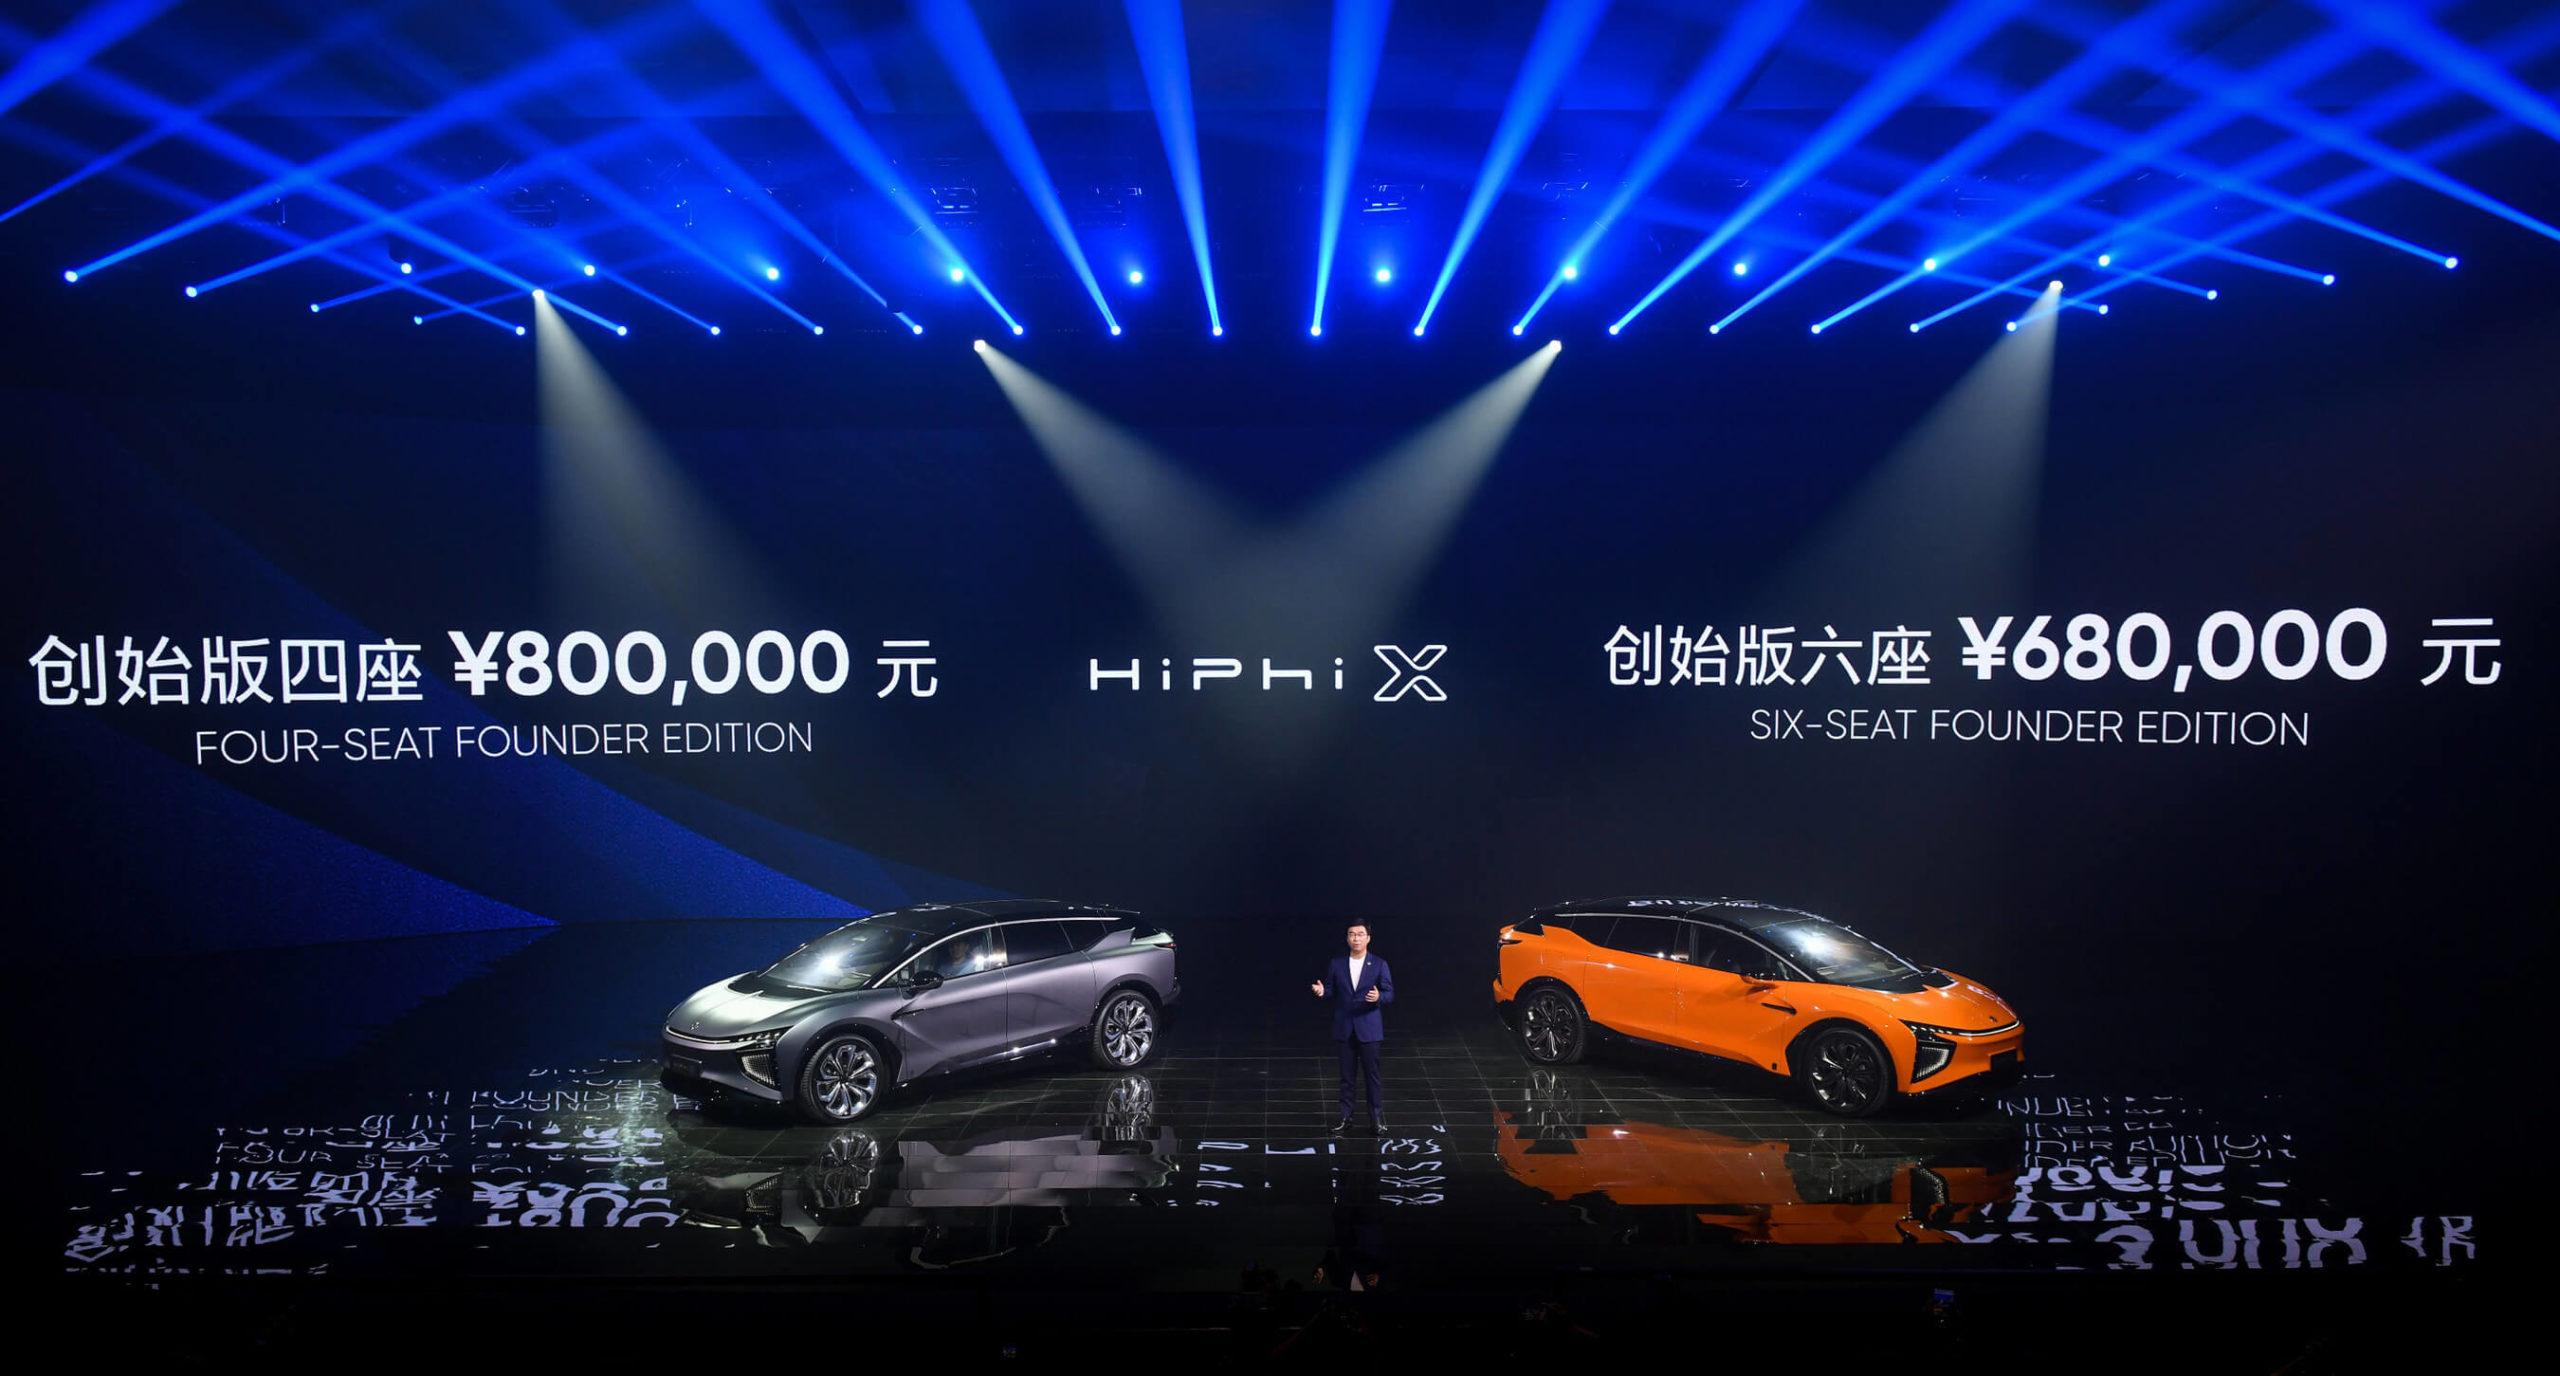 Human Horizons будет продавать HiPhi X в Китае как в четырехместном, так и в шестиместном вариантах